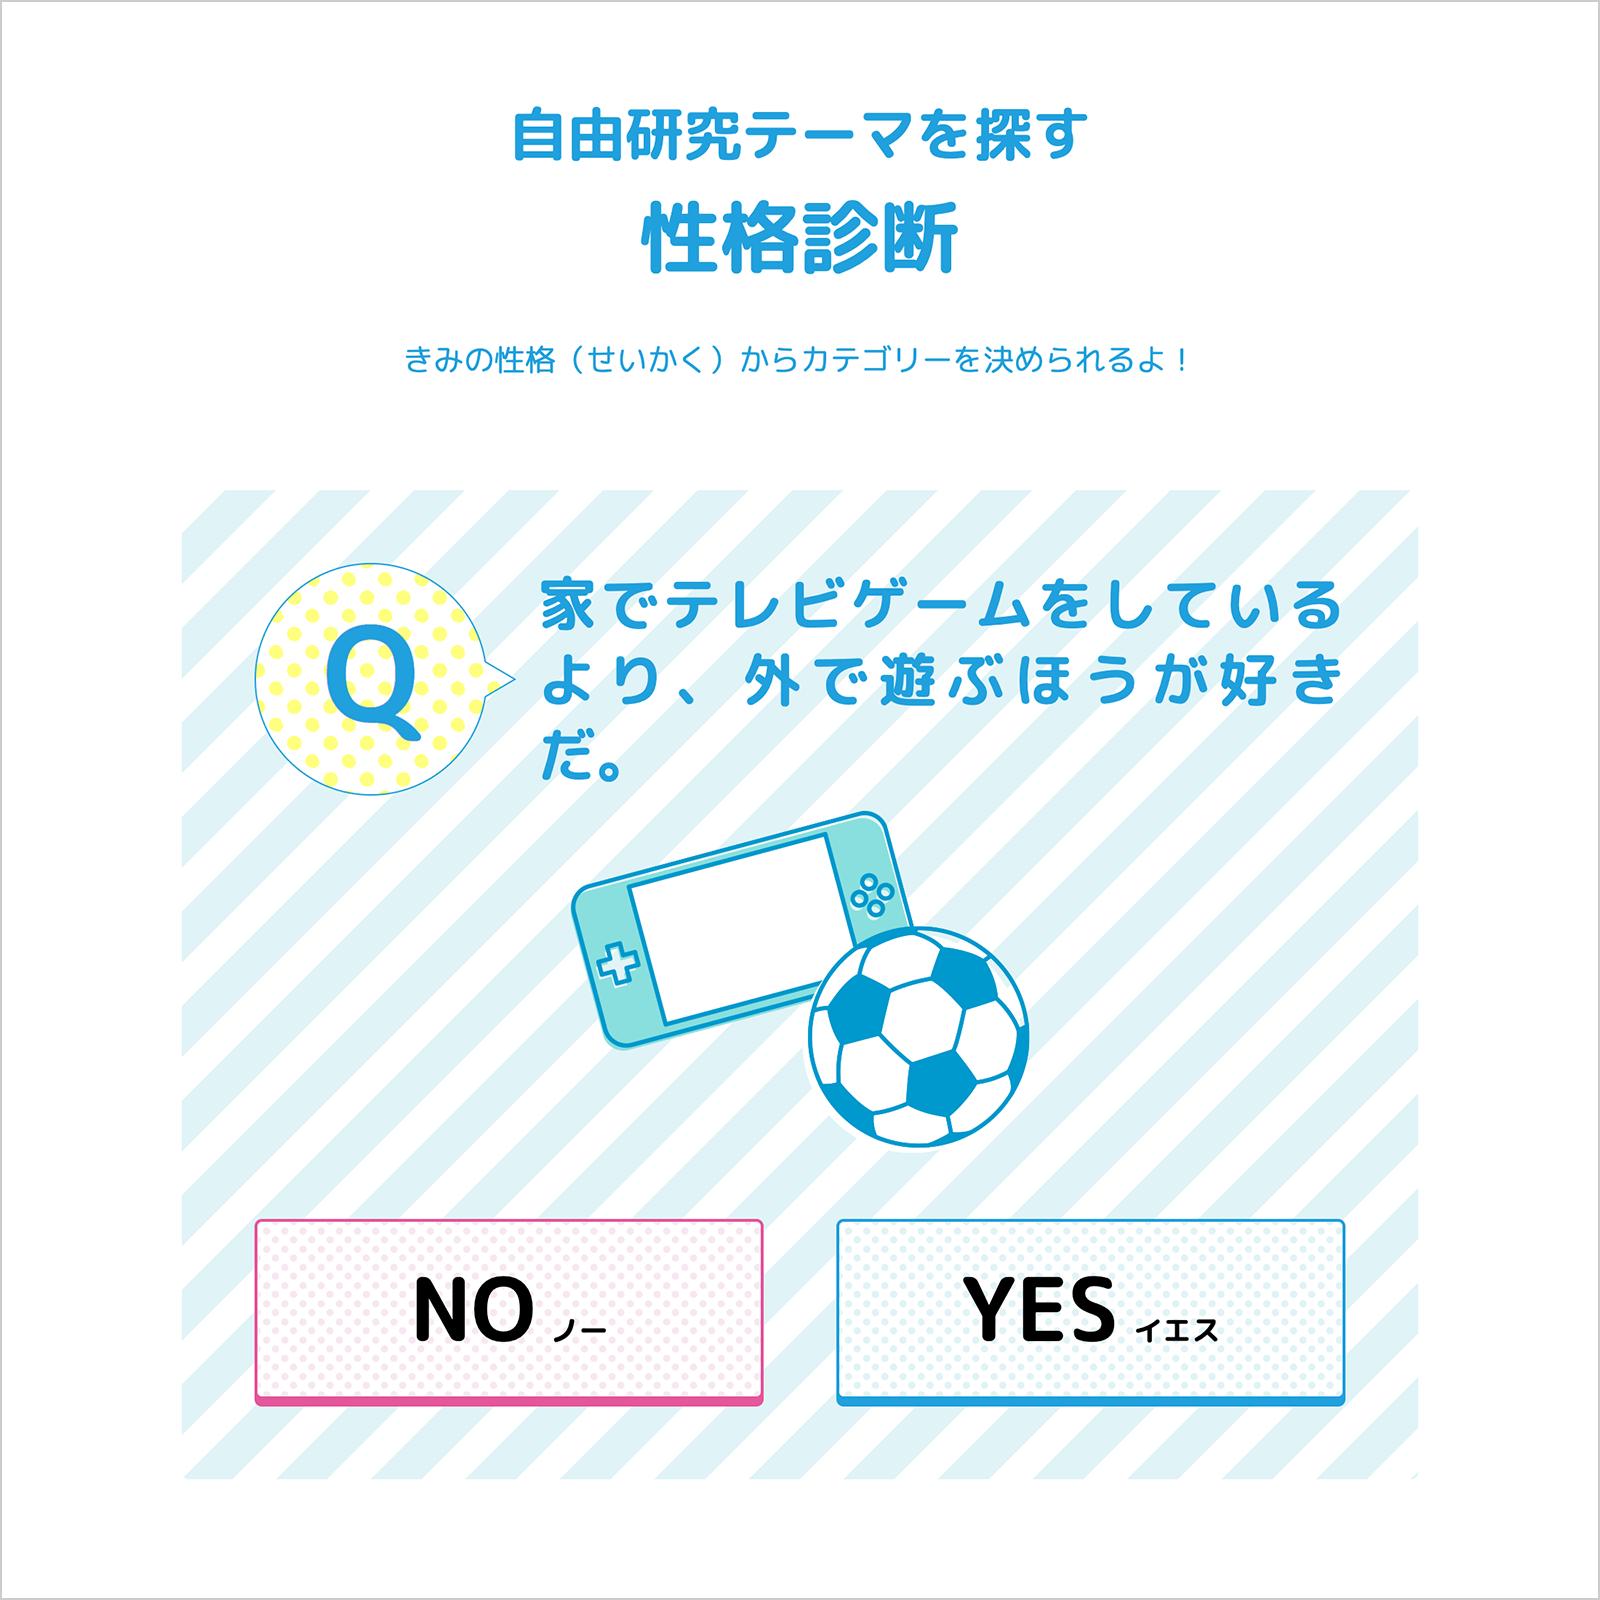 学研キッズネット「夏休み!自由研究プロジェクト」性格診断